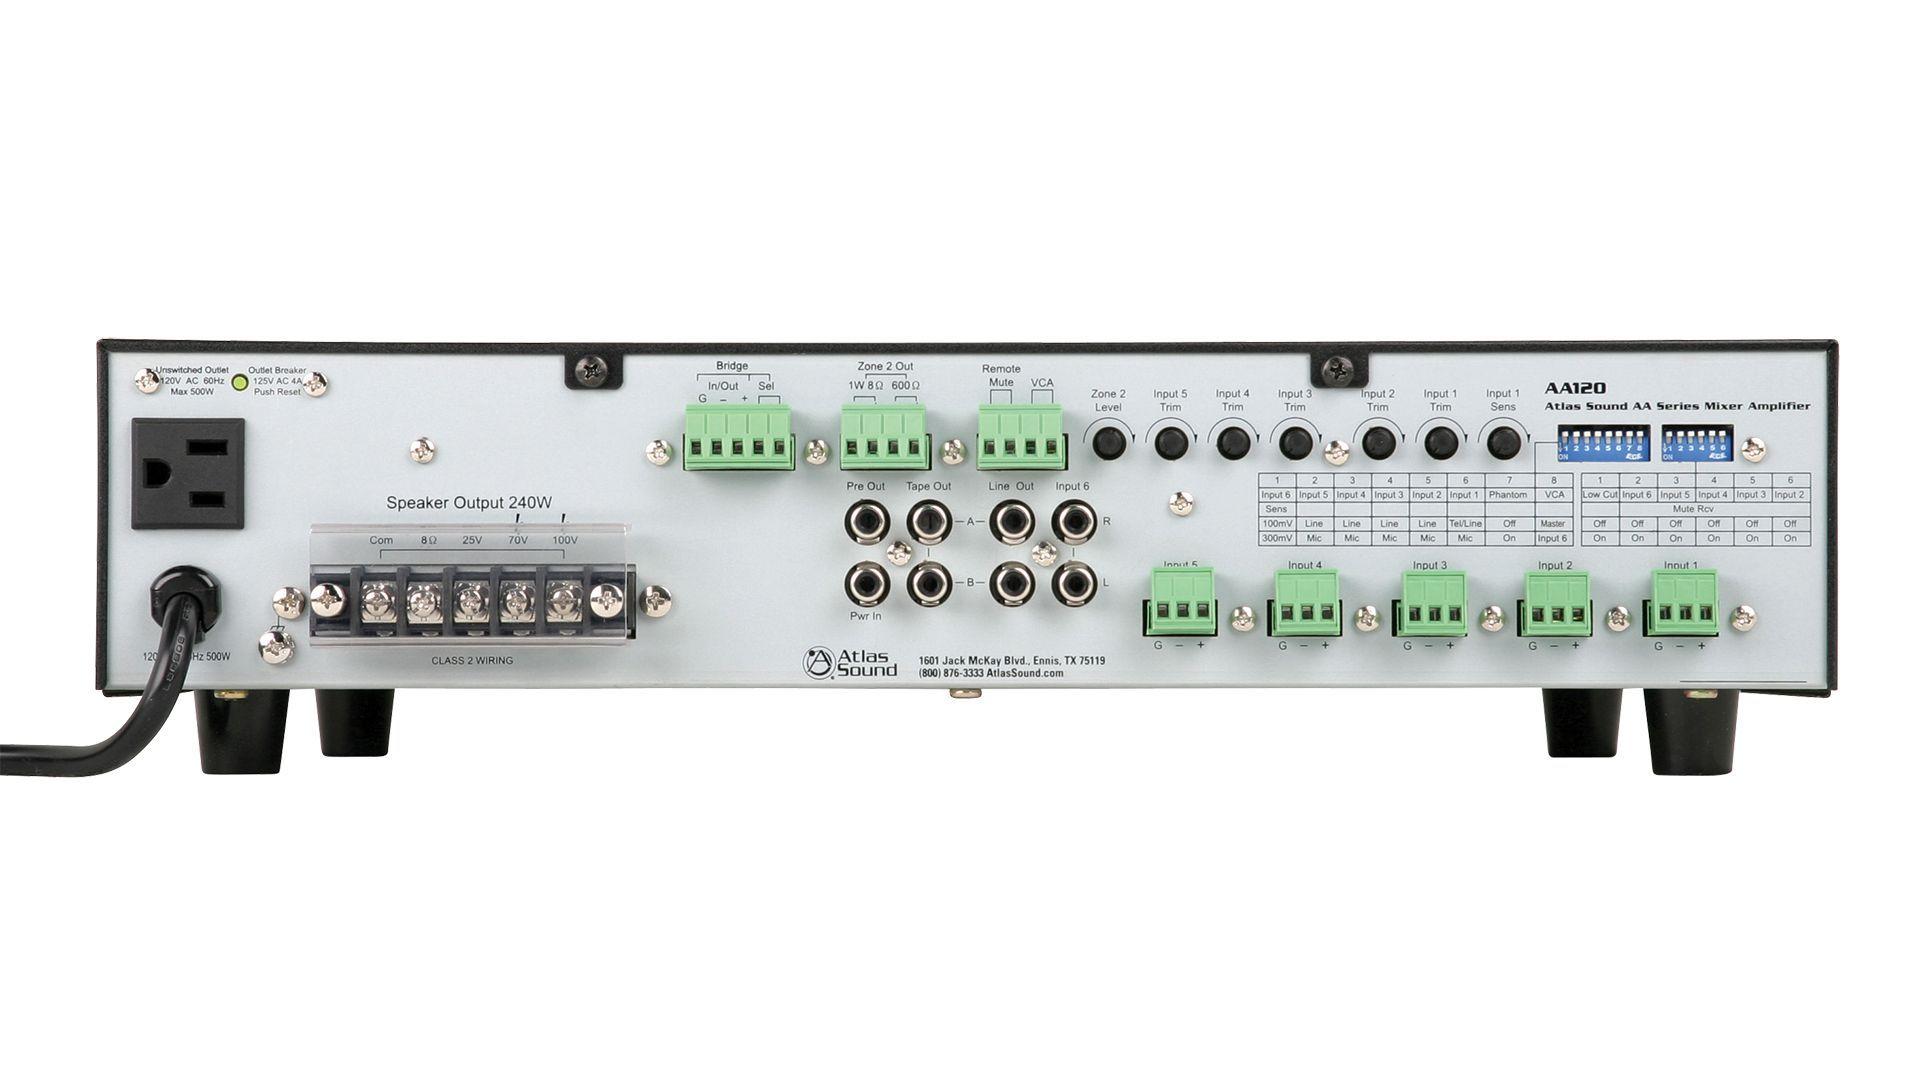 6 Input 120 Watt 25v 70v 100v 8 Mixer Amplifier Atlasied 800 Wiring Kit